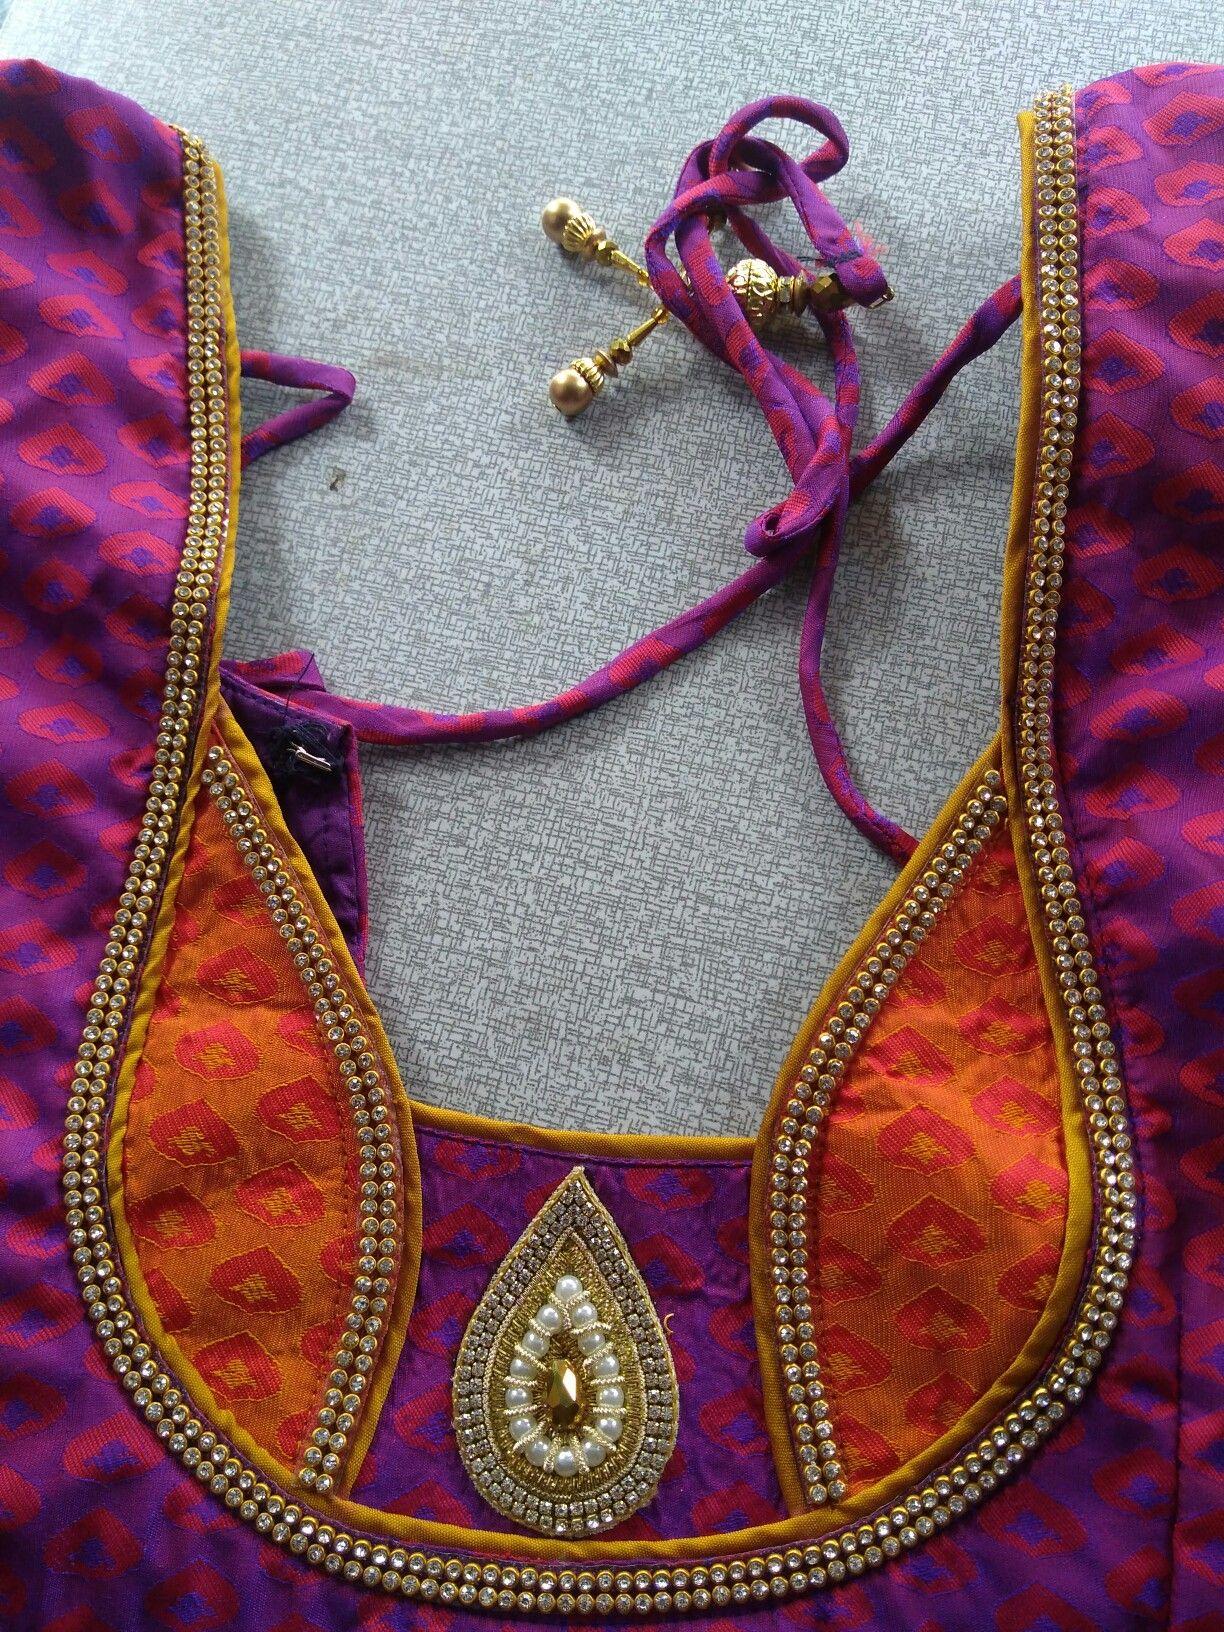 Pin By Sai Suba On Blouses Blouse Neck Designs Fashion Blouse